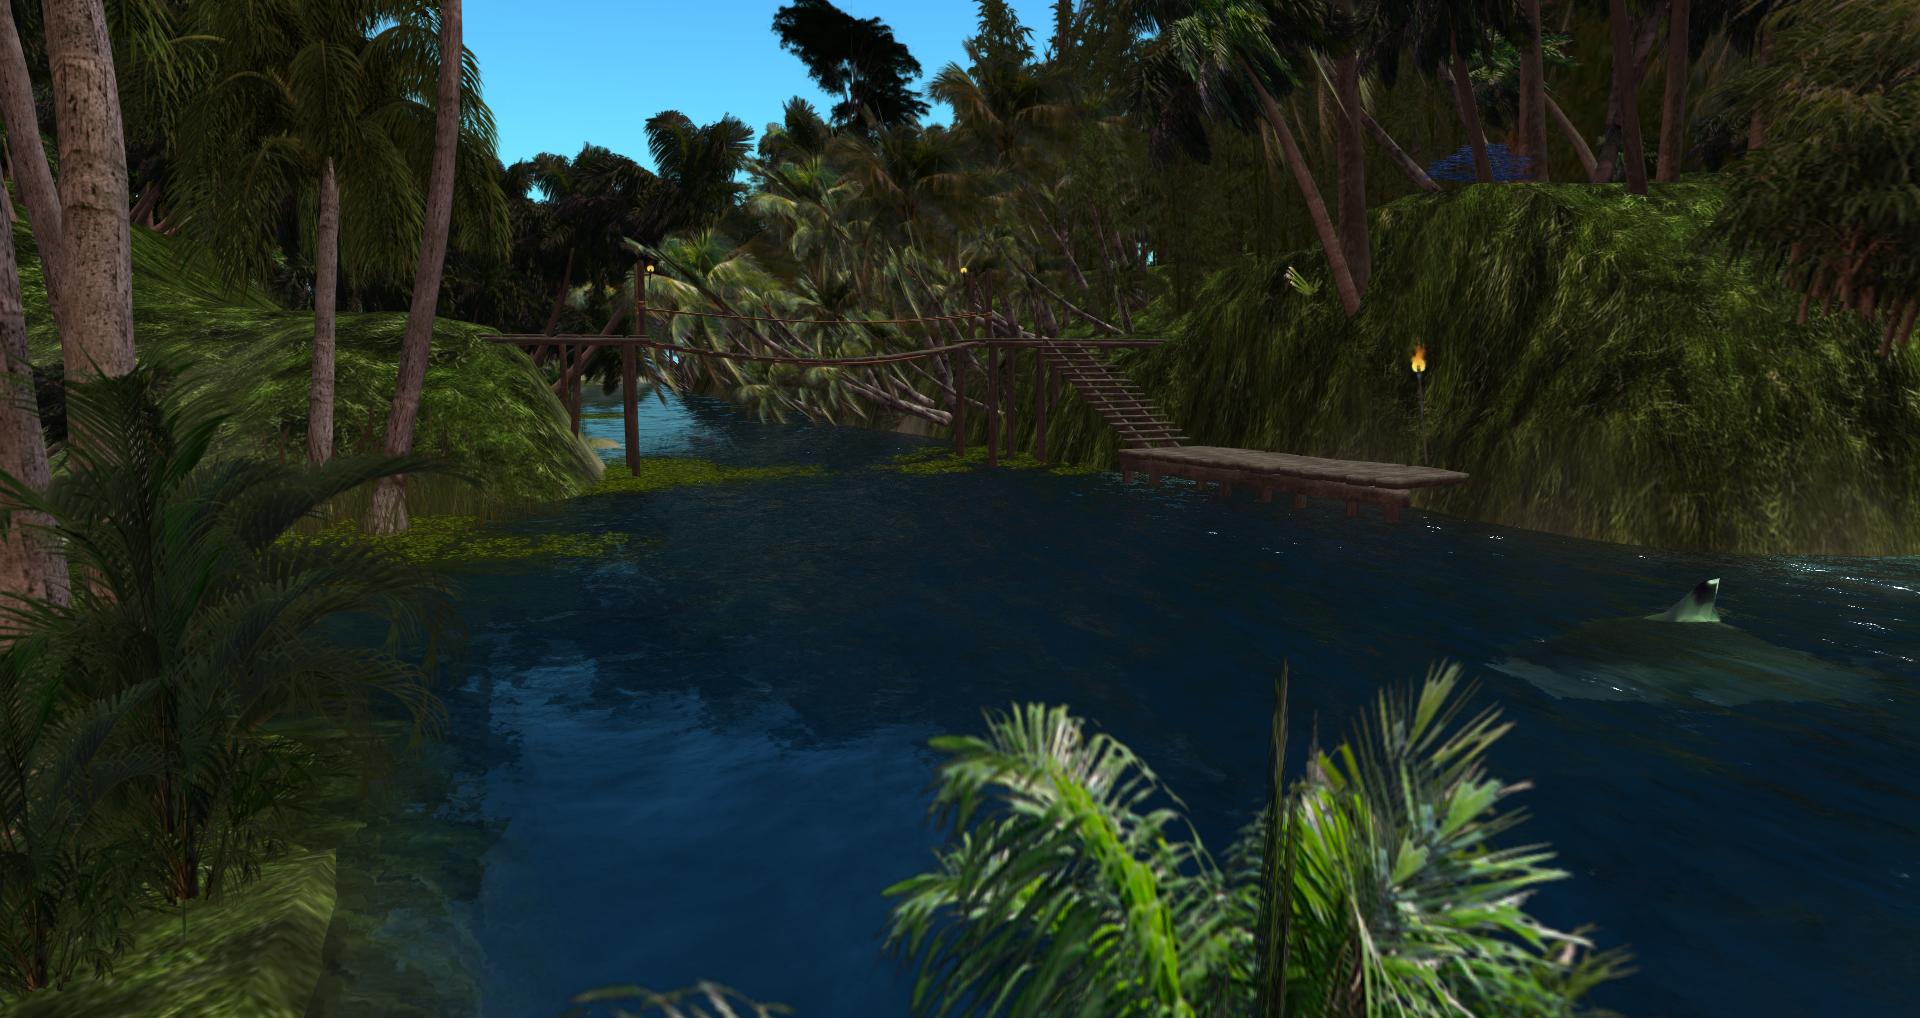 jungles_003